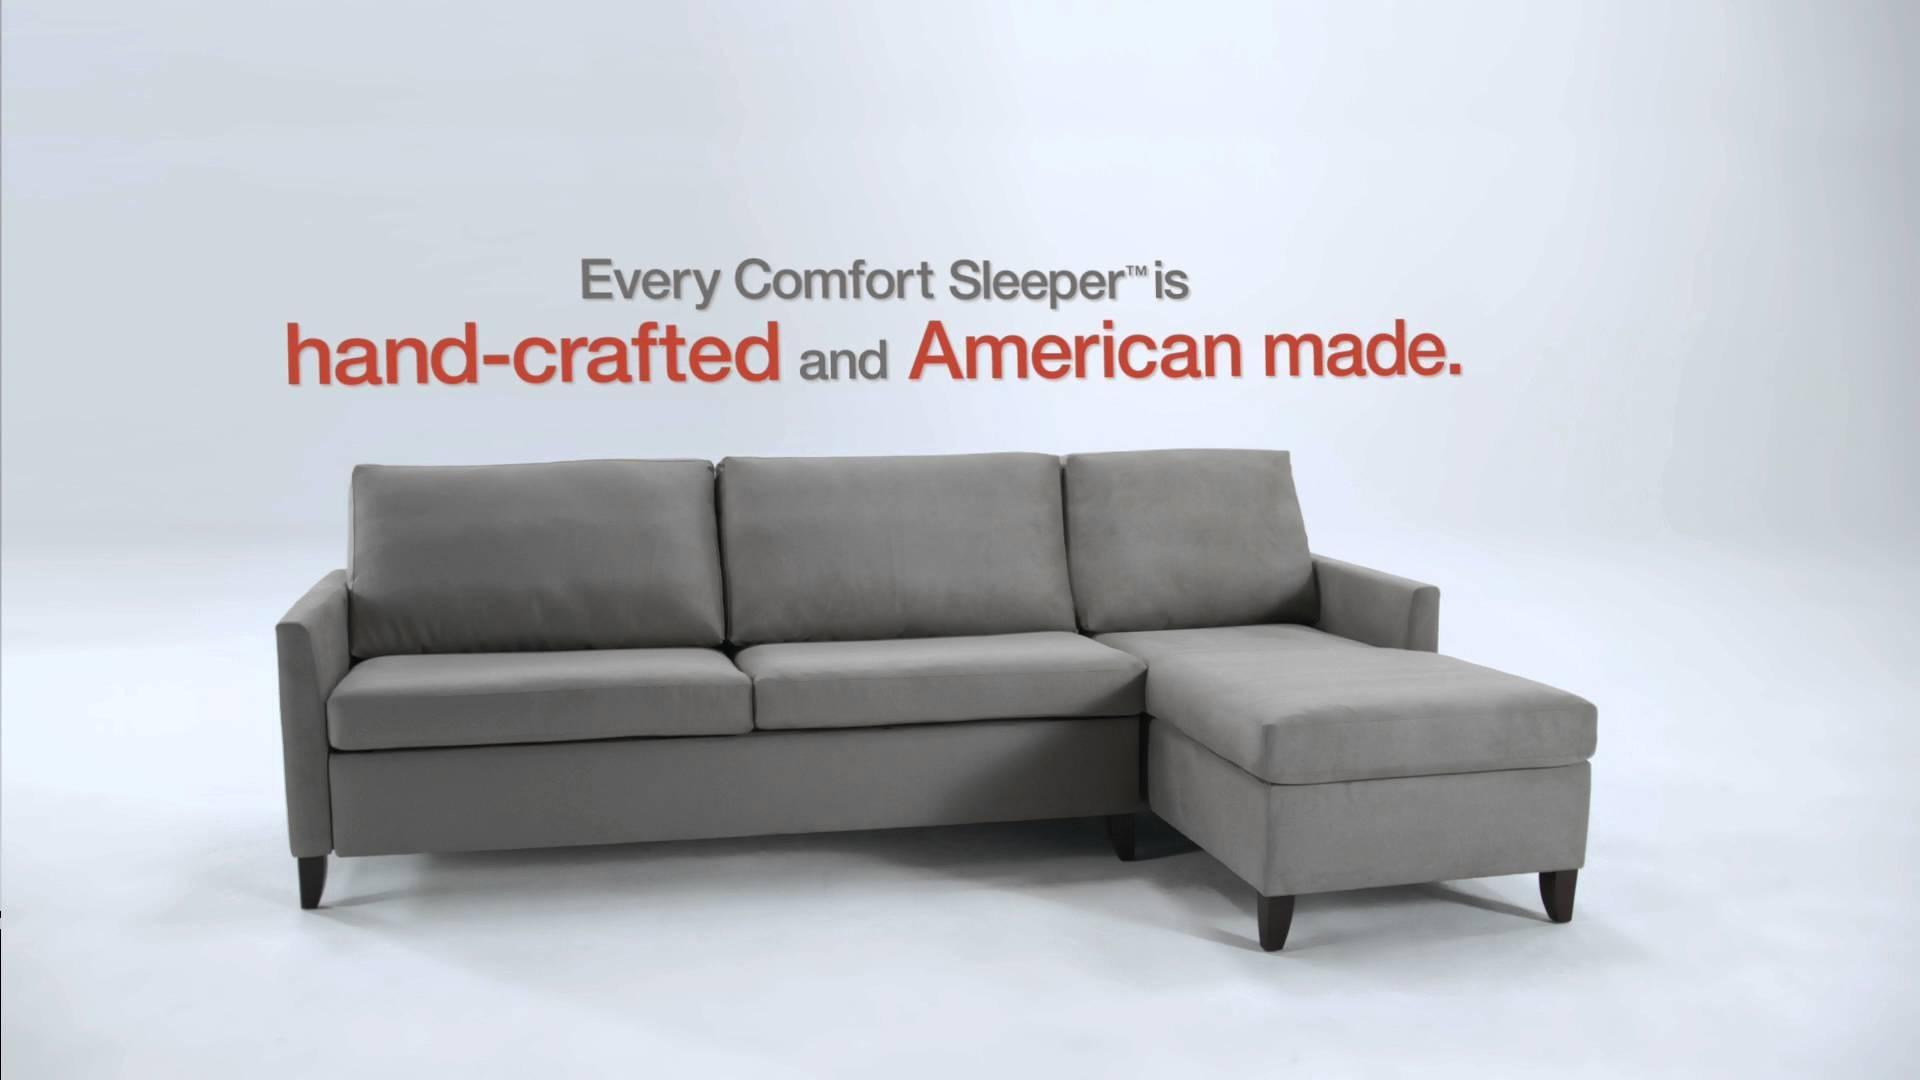 American Leather Comfort Sleeper (Image 4 of 22)